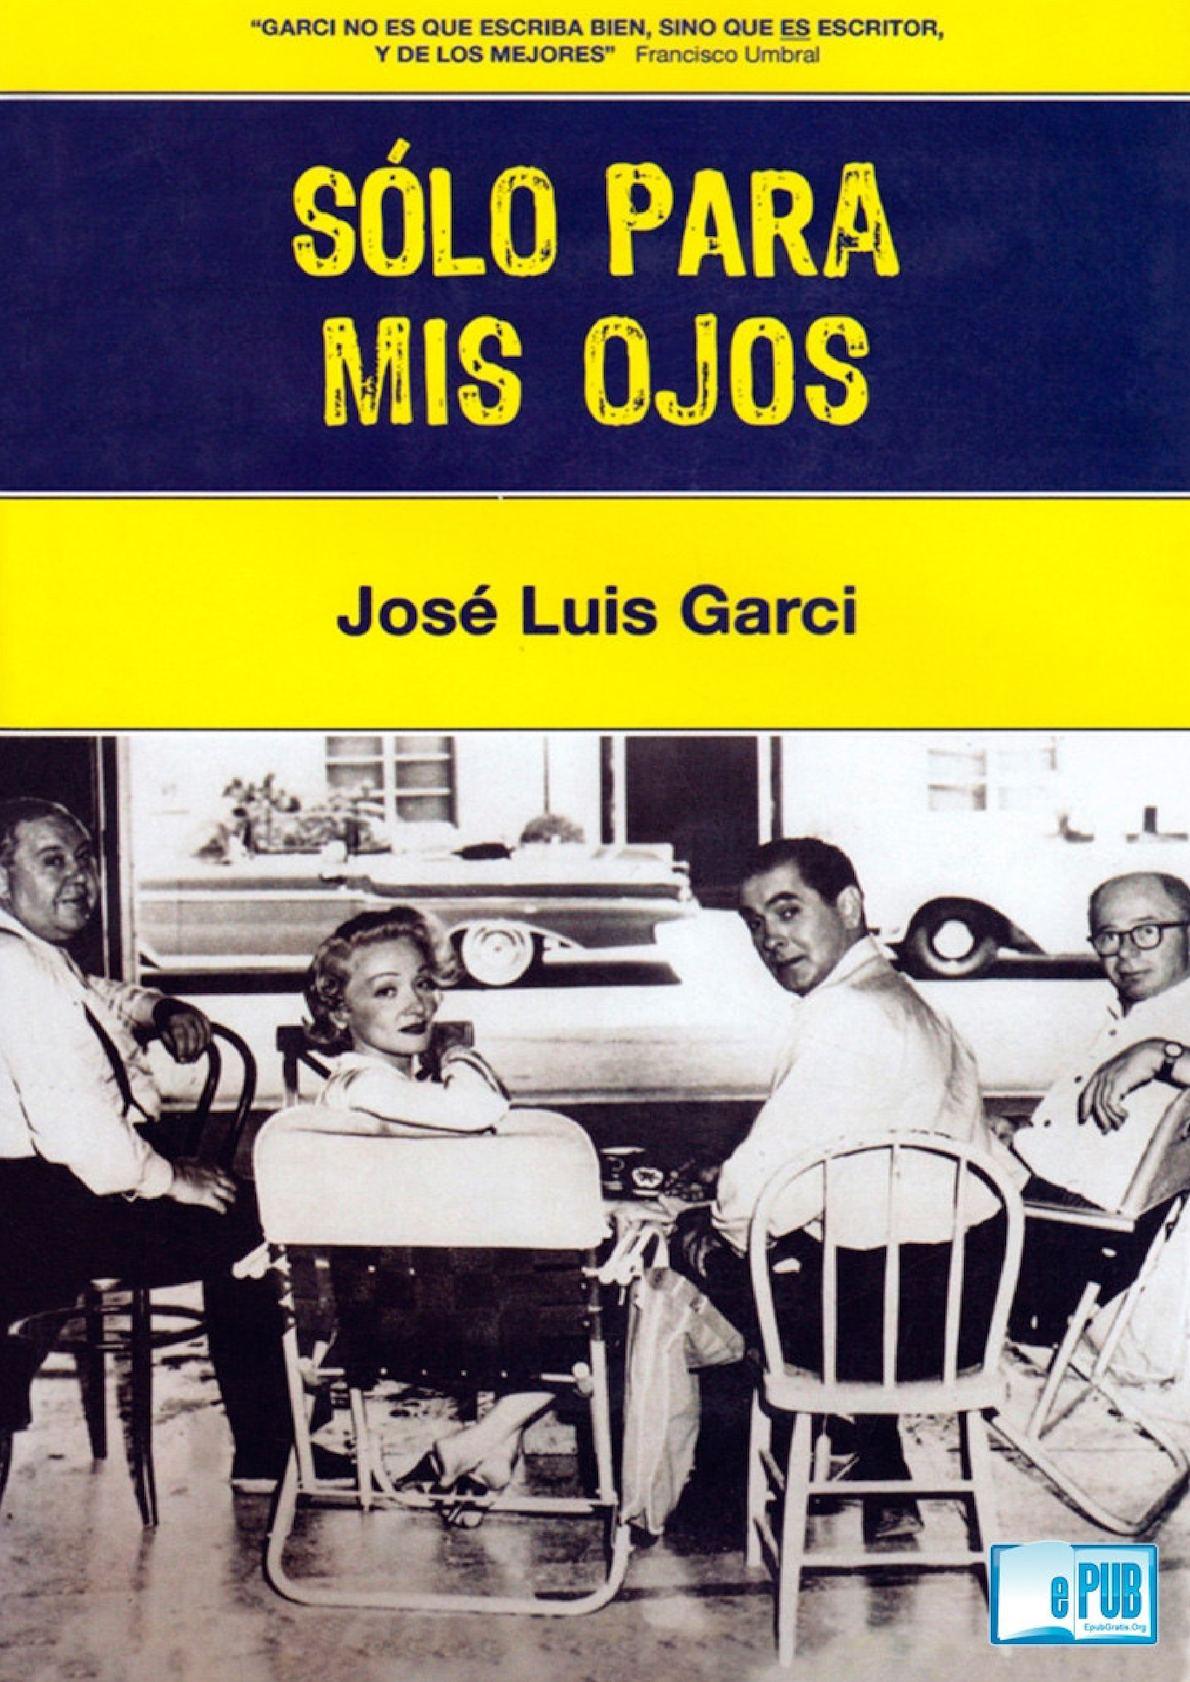 a23f5e8fa0880 Calaméo - Sólo Para Mis Ojos José Luis Garci